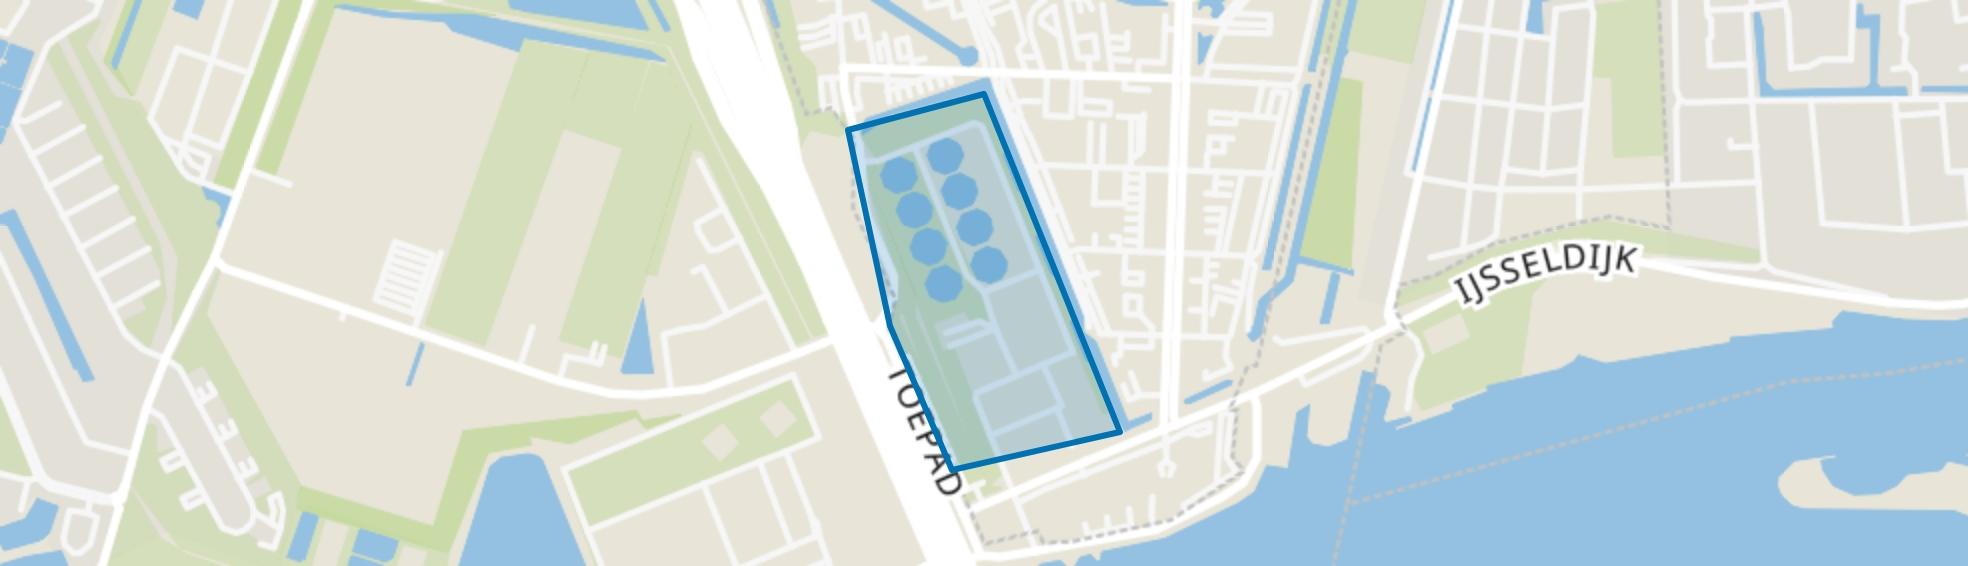 AWZI Rivium, Capelle aan den IJssel map